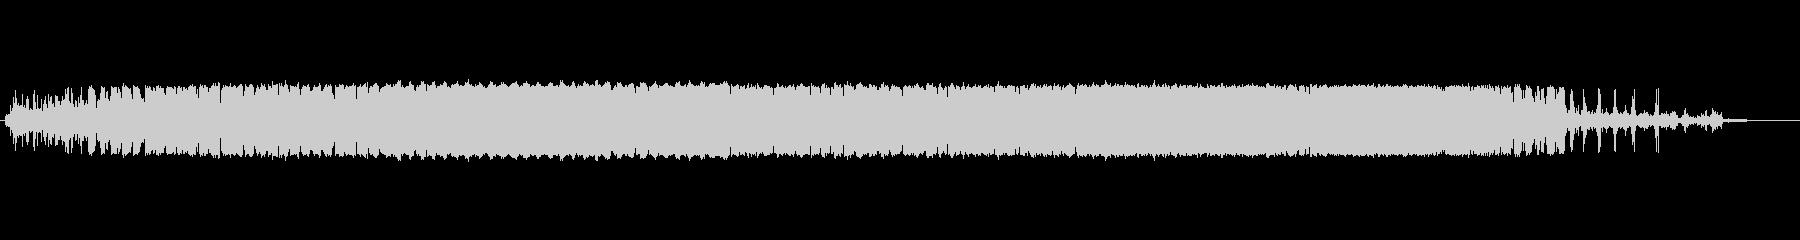 電動鉛筆削り:鉛筆削り、開始、実行、停止の未再生の波形